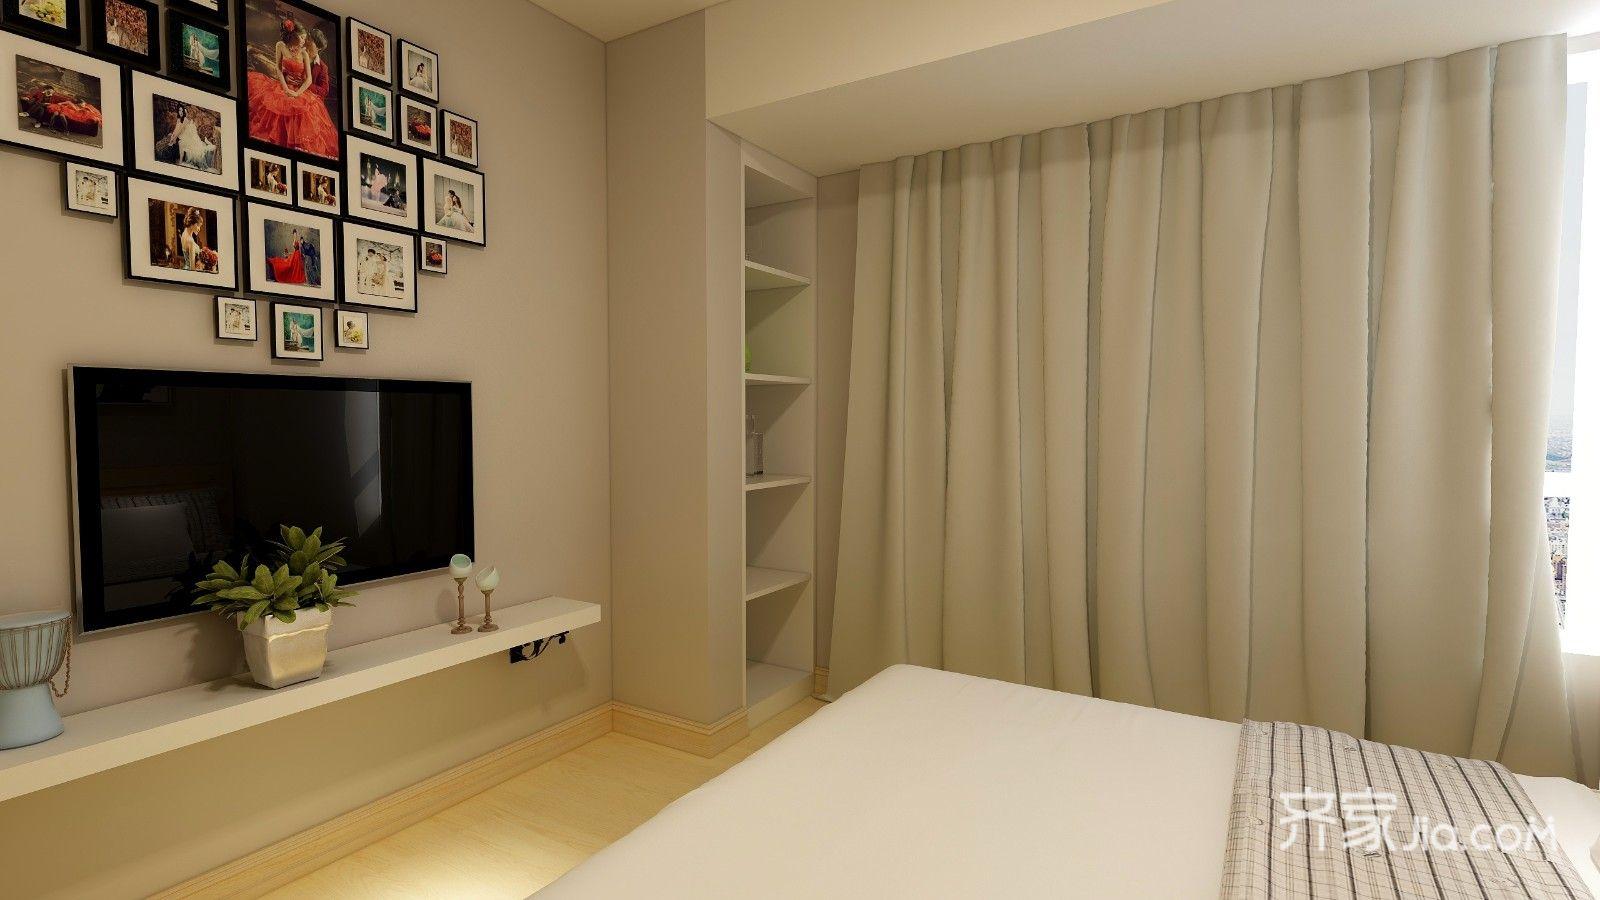 浅灰色墙面和米黄色地板搭配浅色家具,让人感觉很清新.